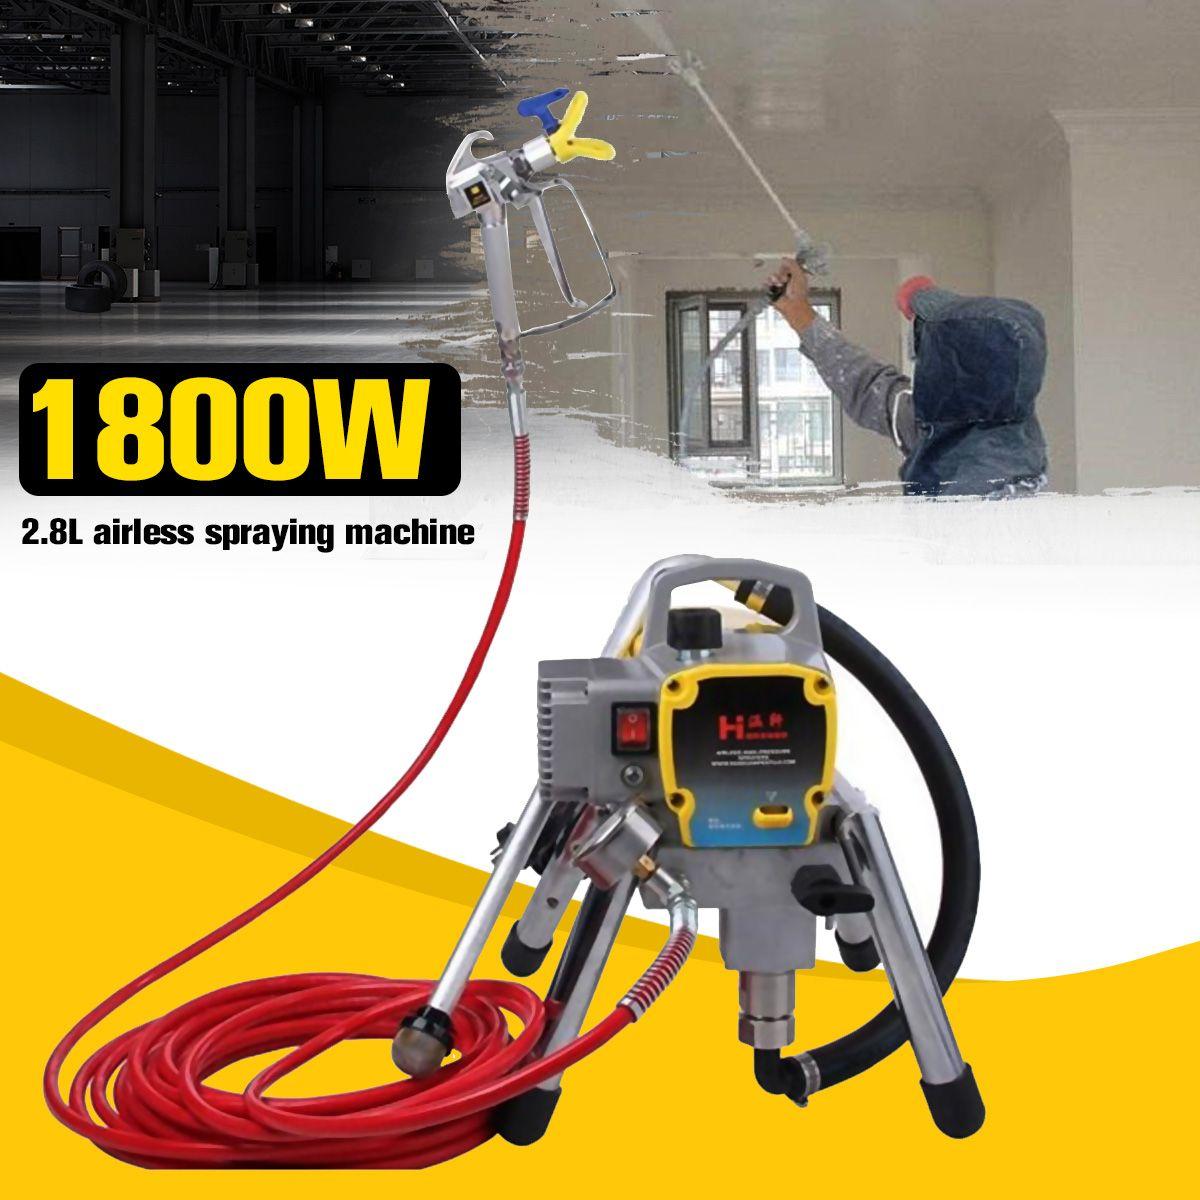 Professional airless spraying machine Professional Airless Spray Gun 220V 2.8L Airless Paint Sprayer H780 painting machine tool